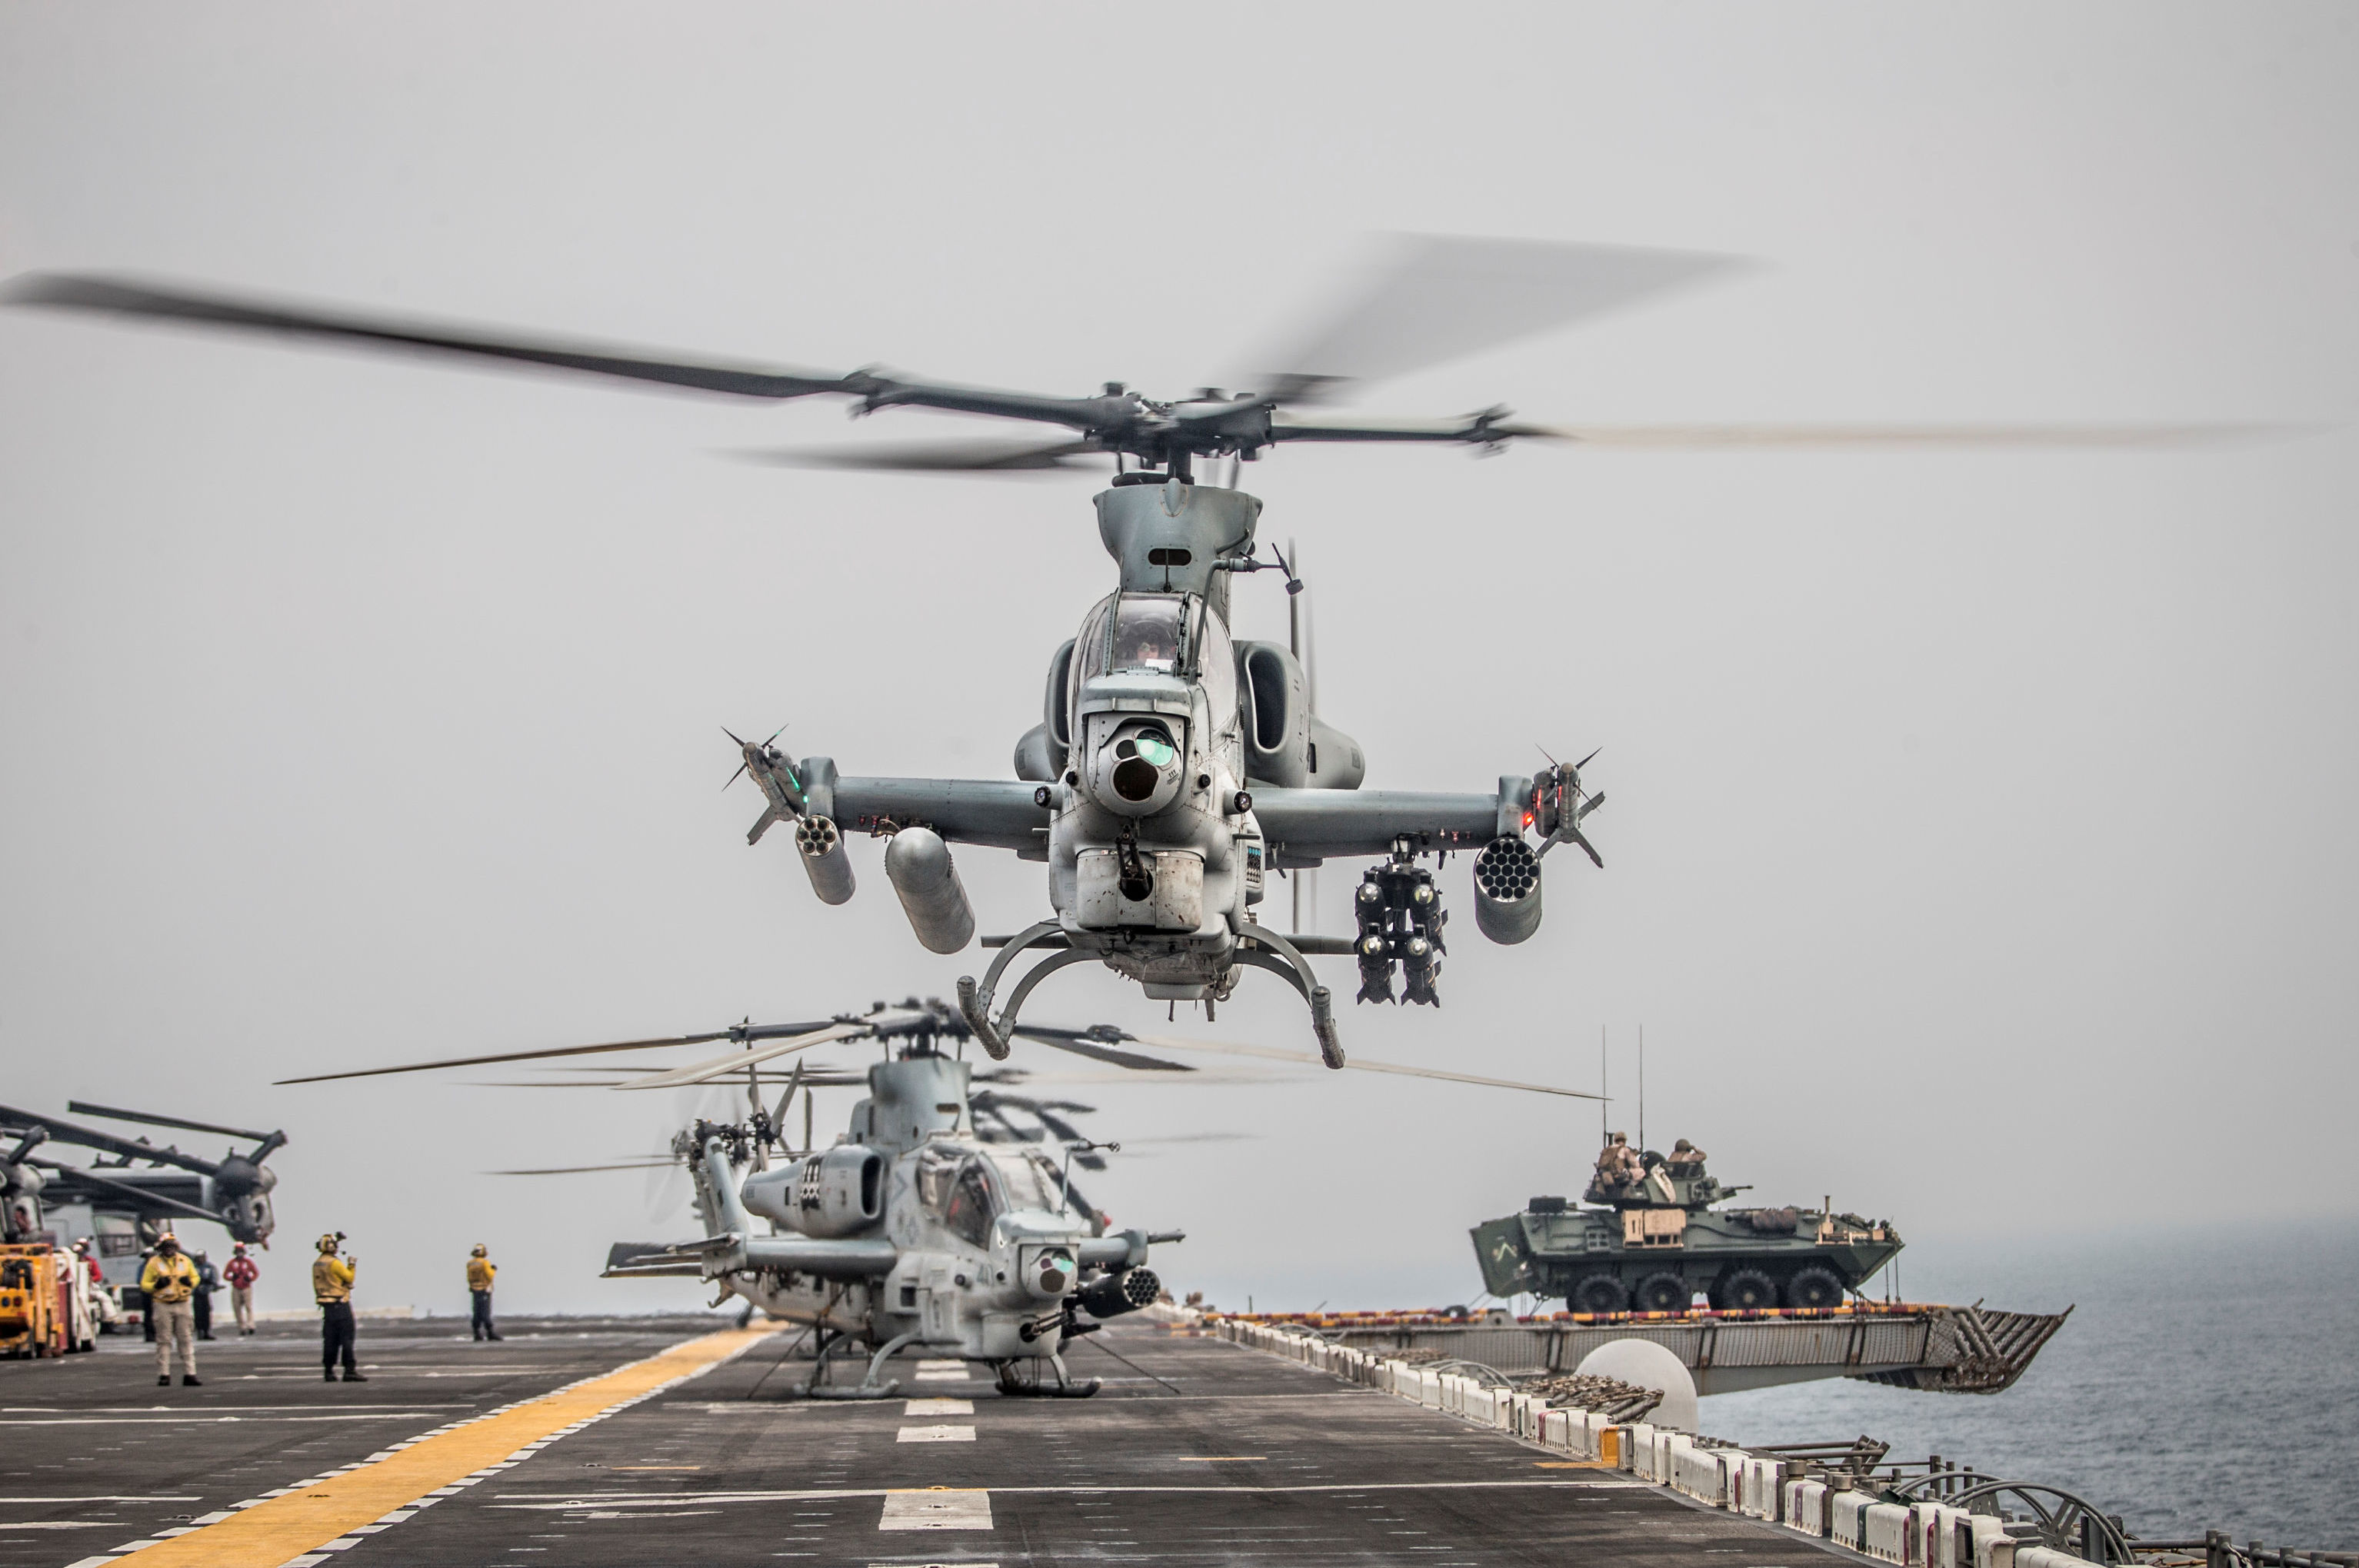 Helicóptero americano Viper AH-1Z prepara-se para decolar a bordo do navio de assalto anfíbio USS Boxer enquanto transita pelo estreito de Ormuz, no golfo de Omã